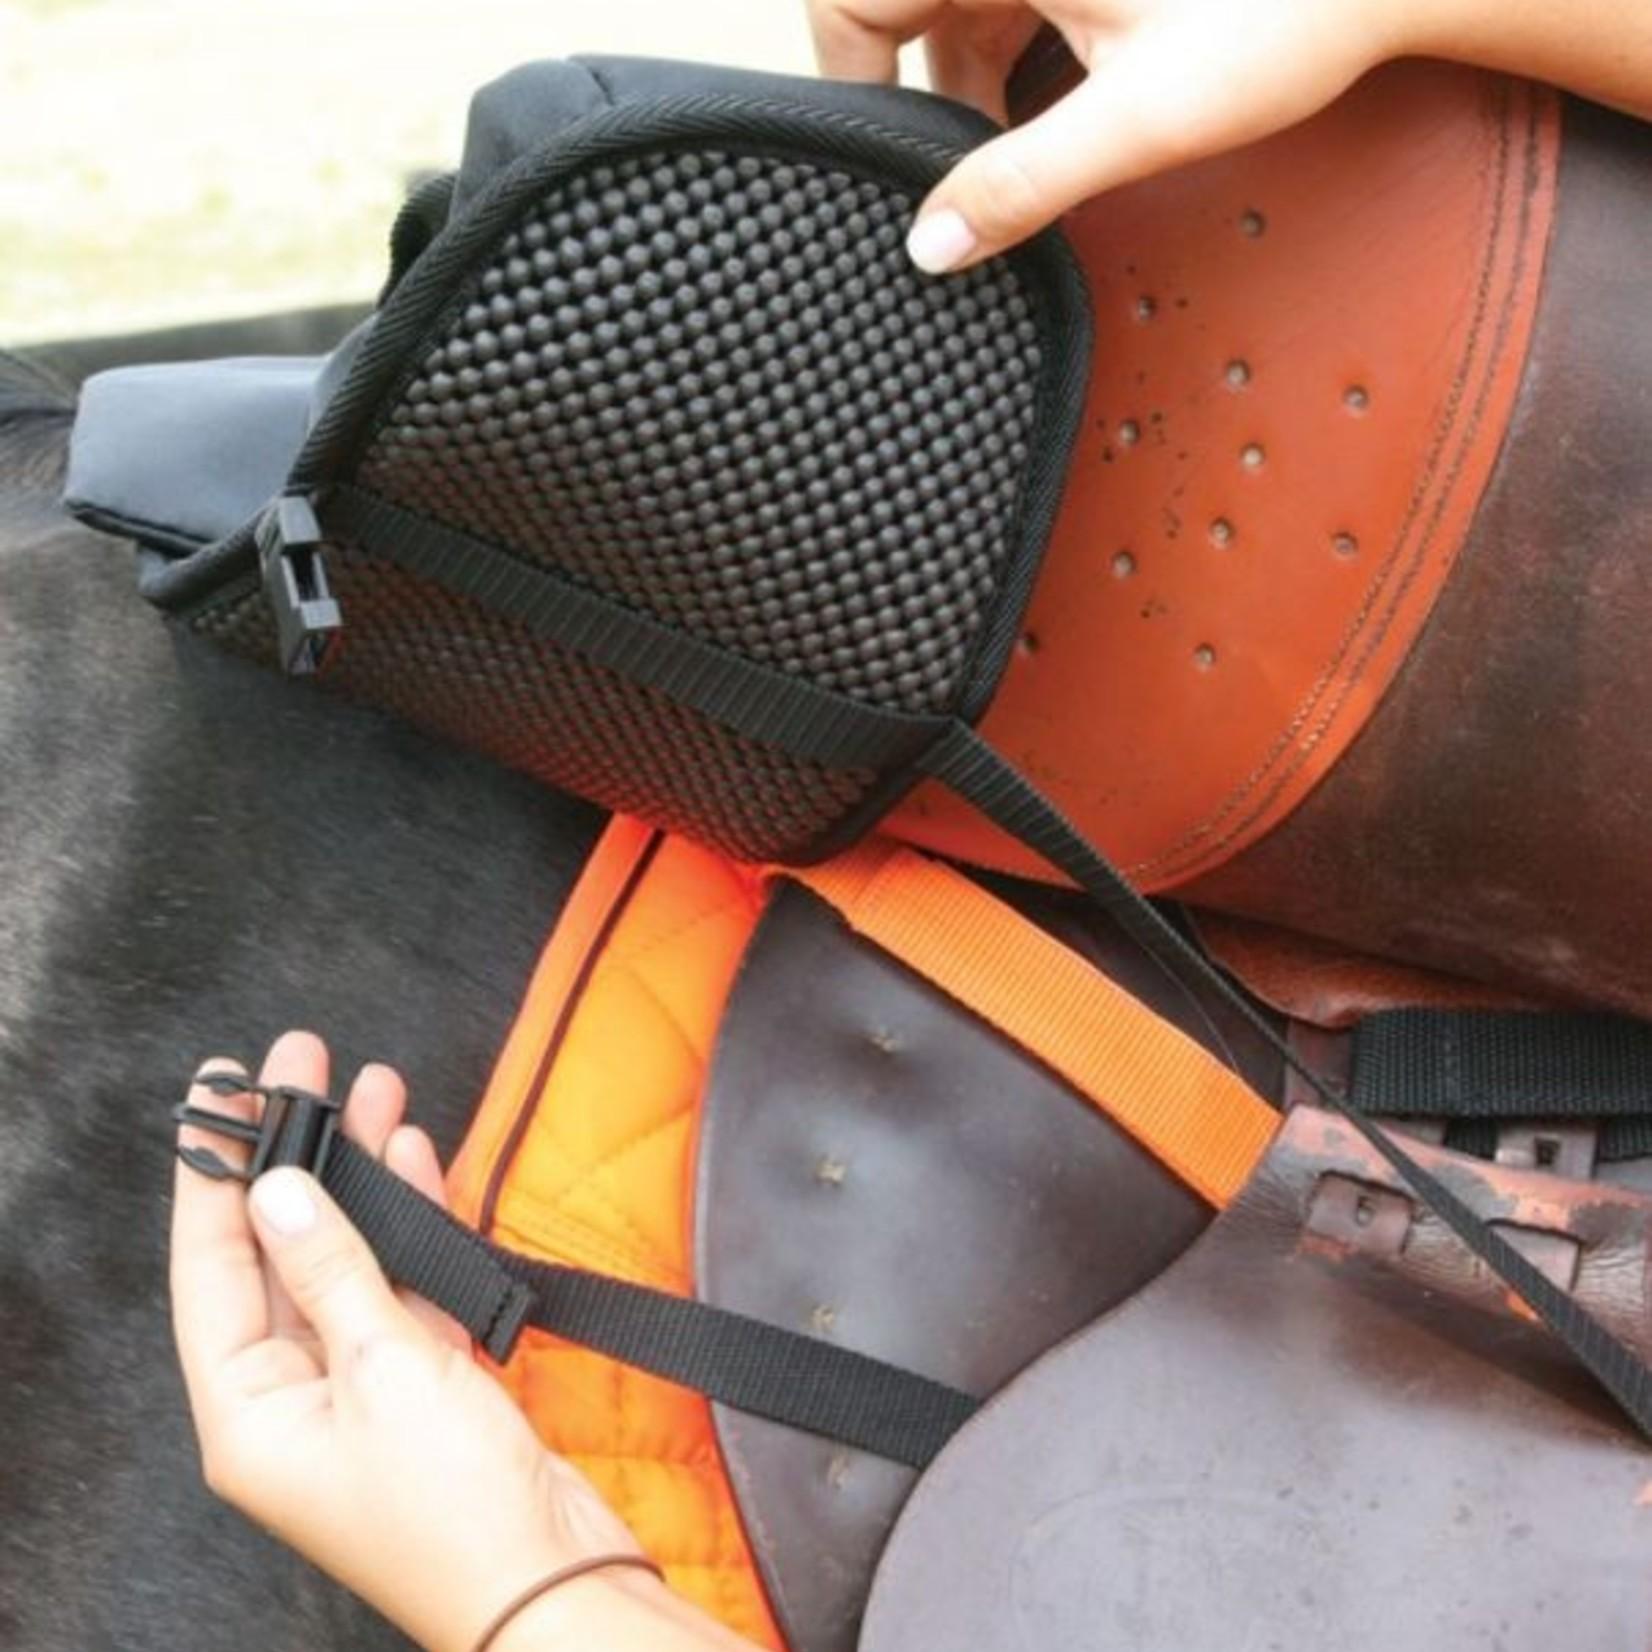 Dura-Tech D-Tech Pommel Bag - Blk